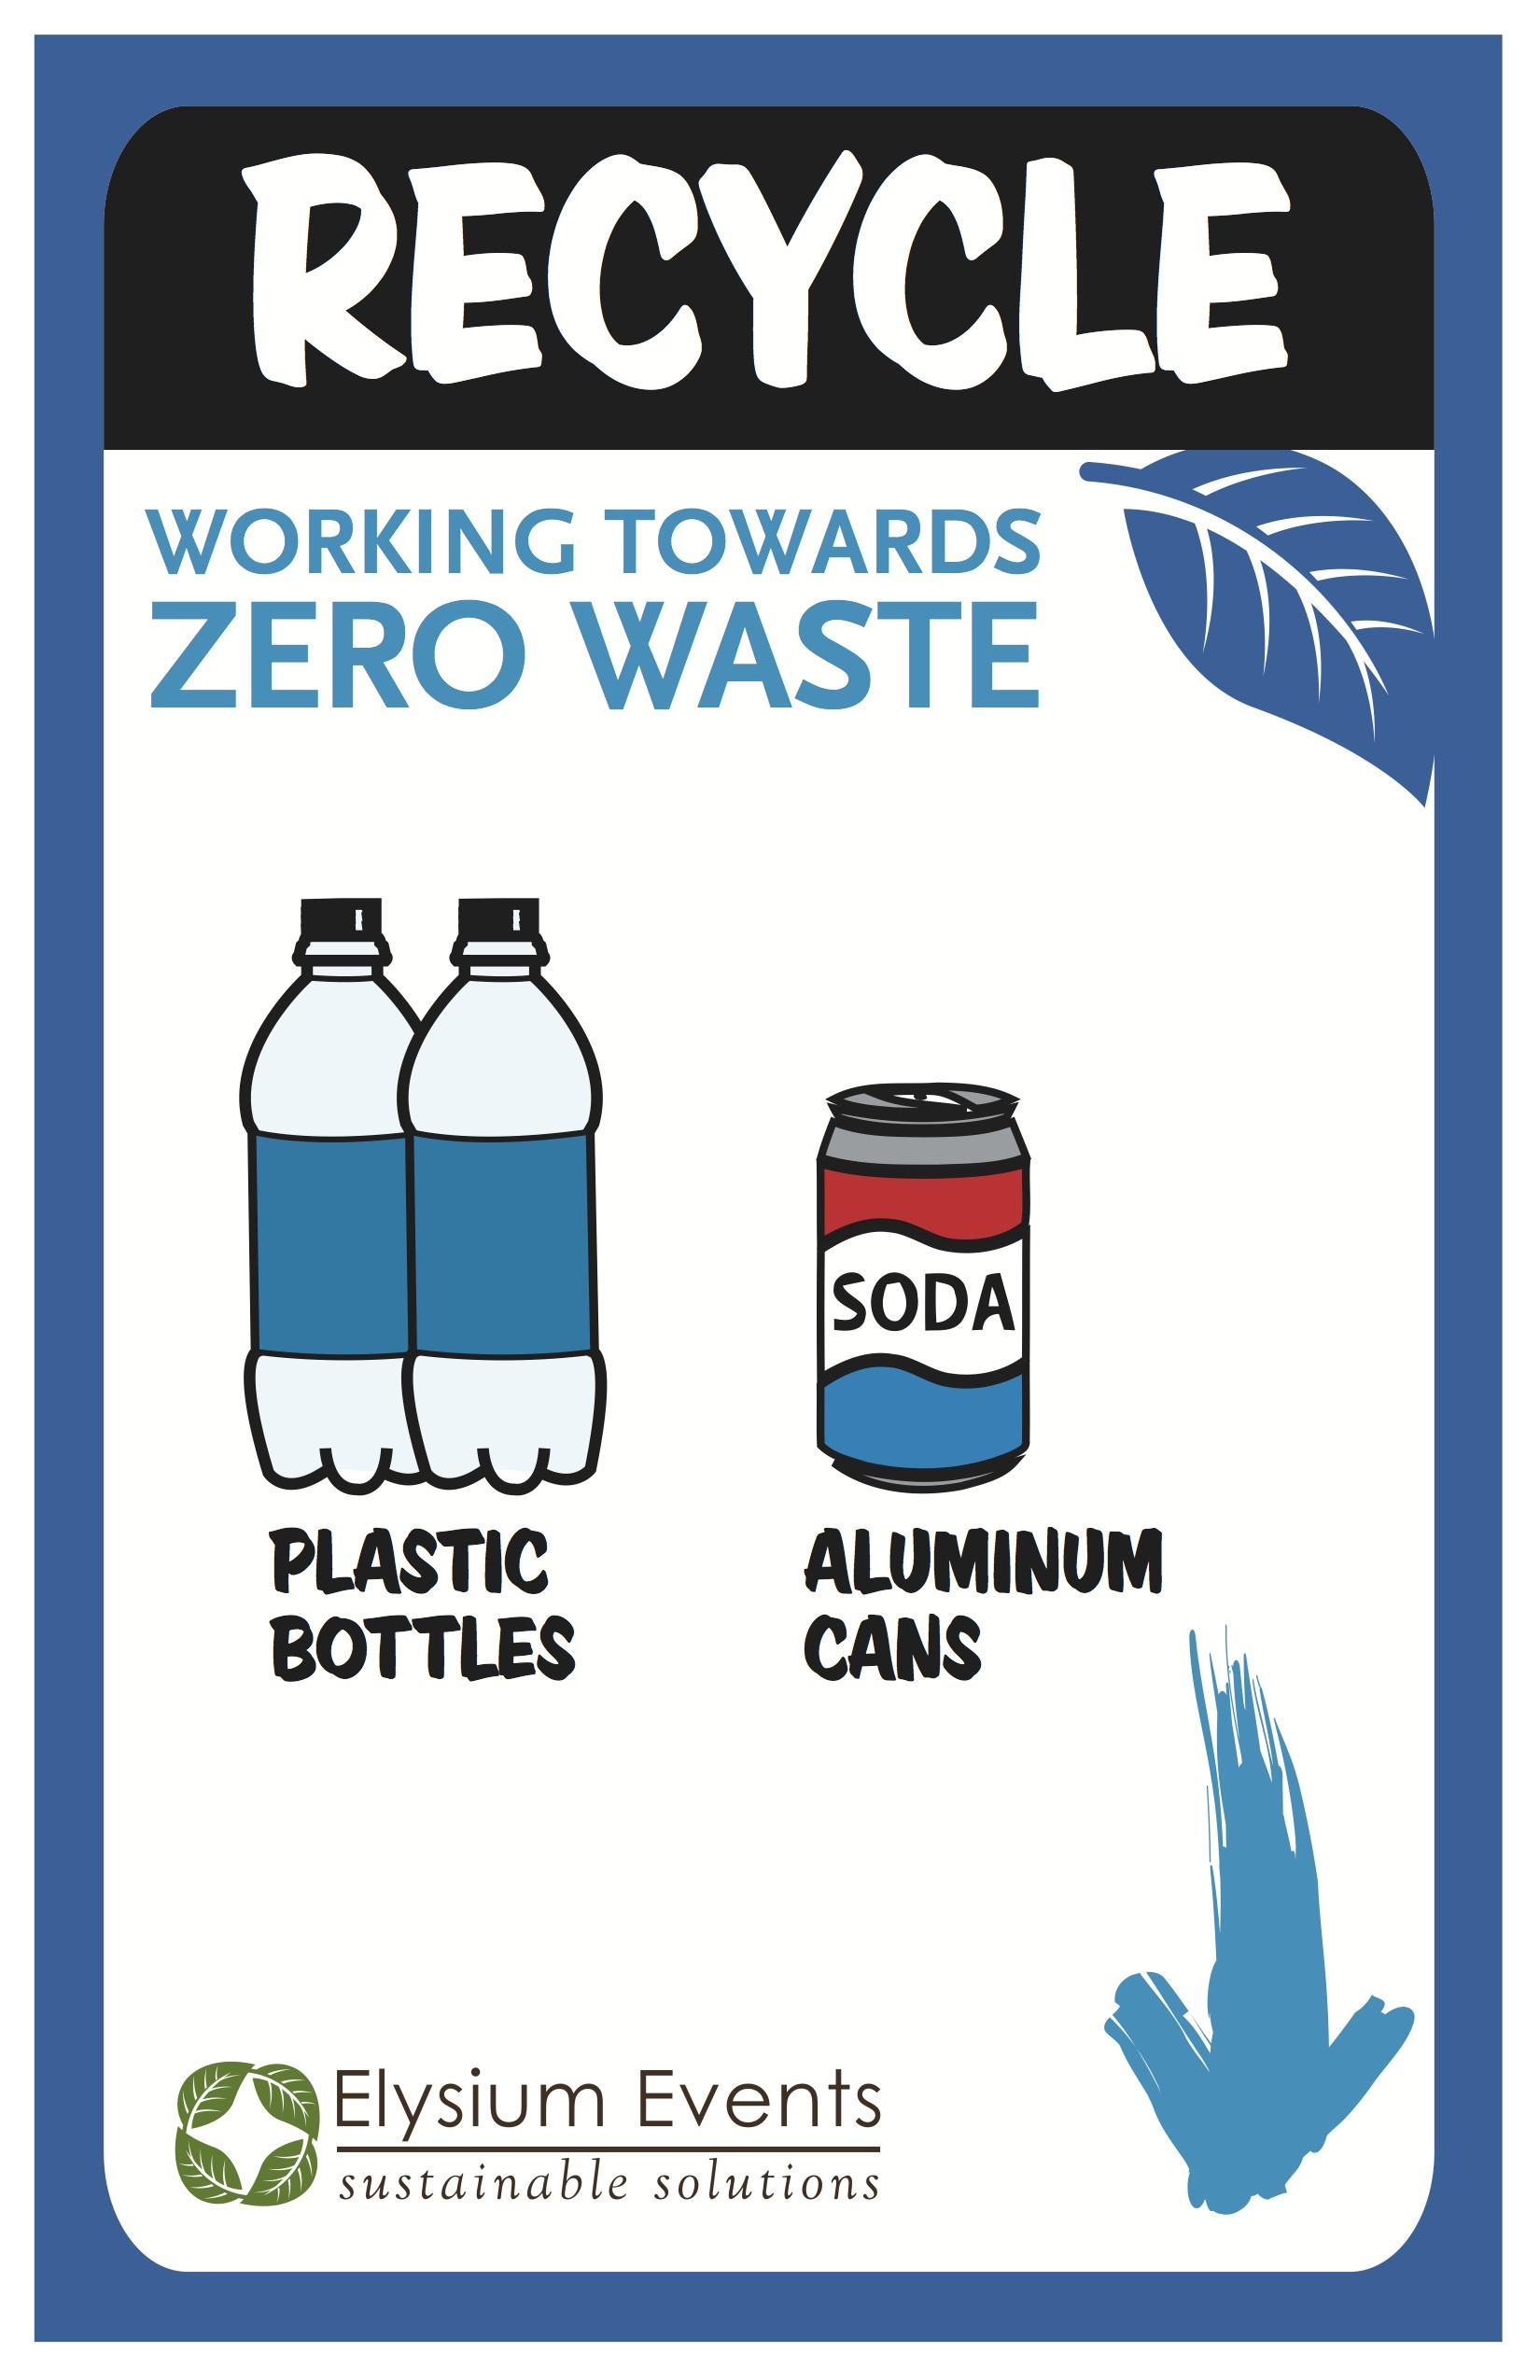 Recycle 1.jpg